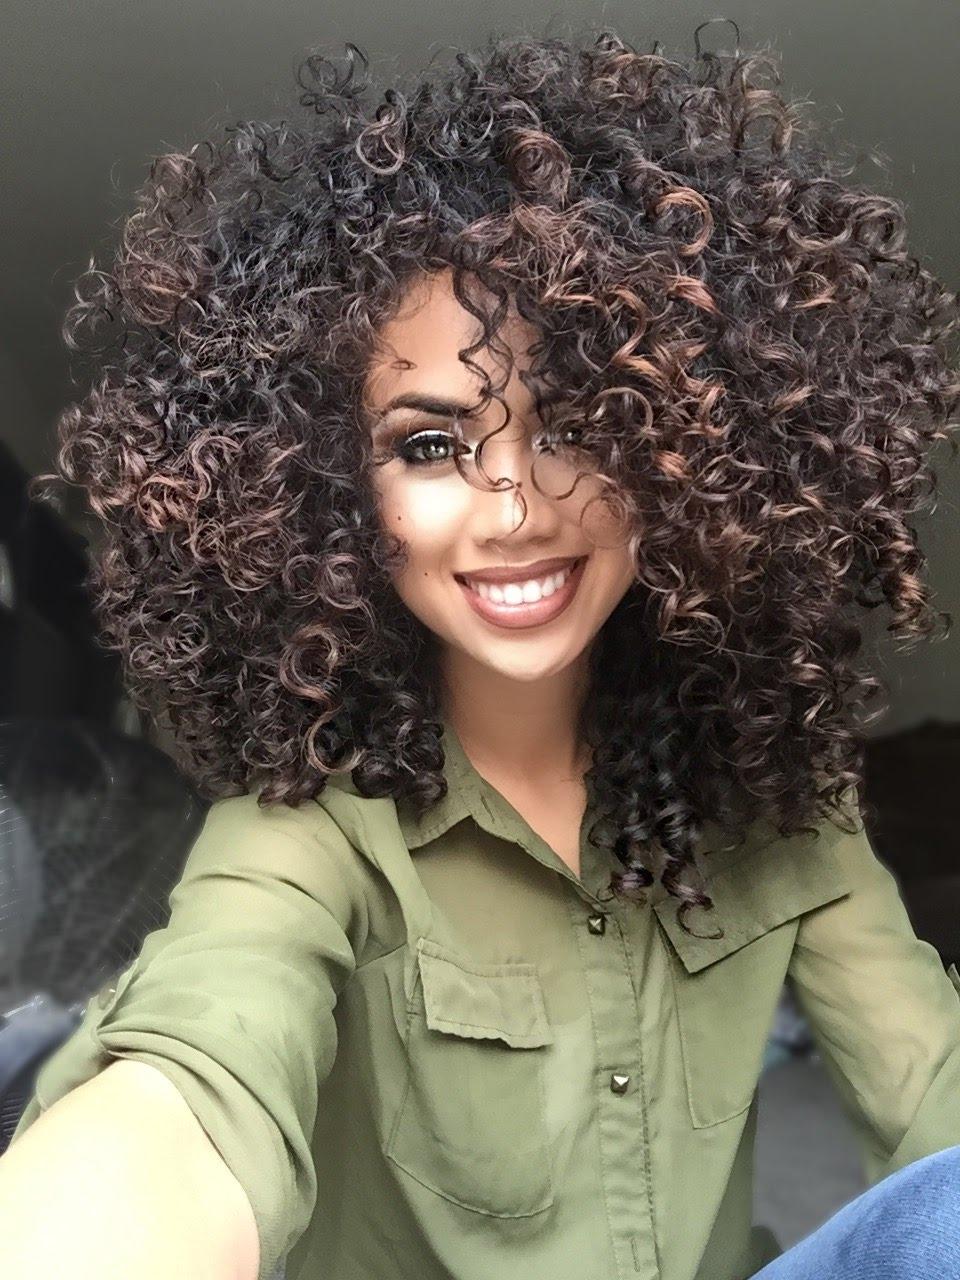 Devacurl Maximum Volume Curly Hair Routine - Youtube for Haircuts For Curly Hair For Volume